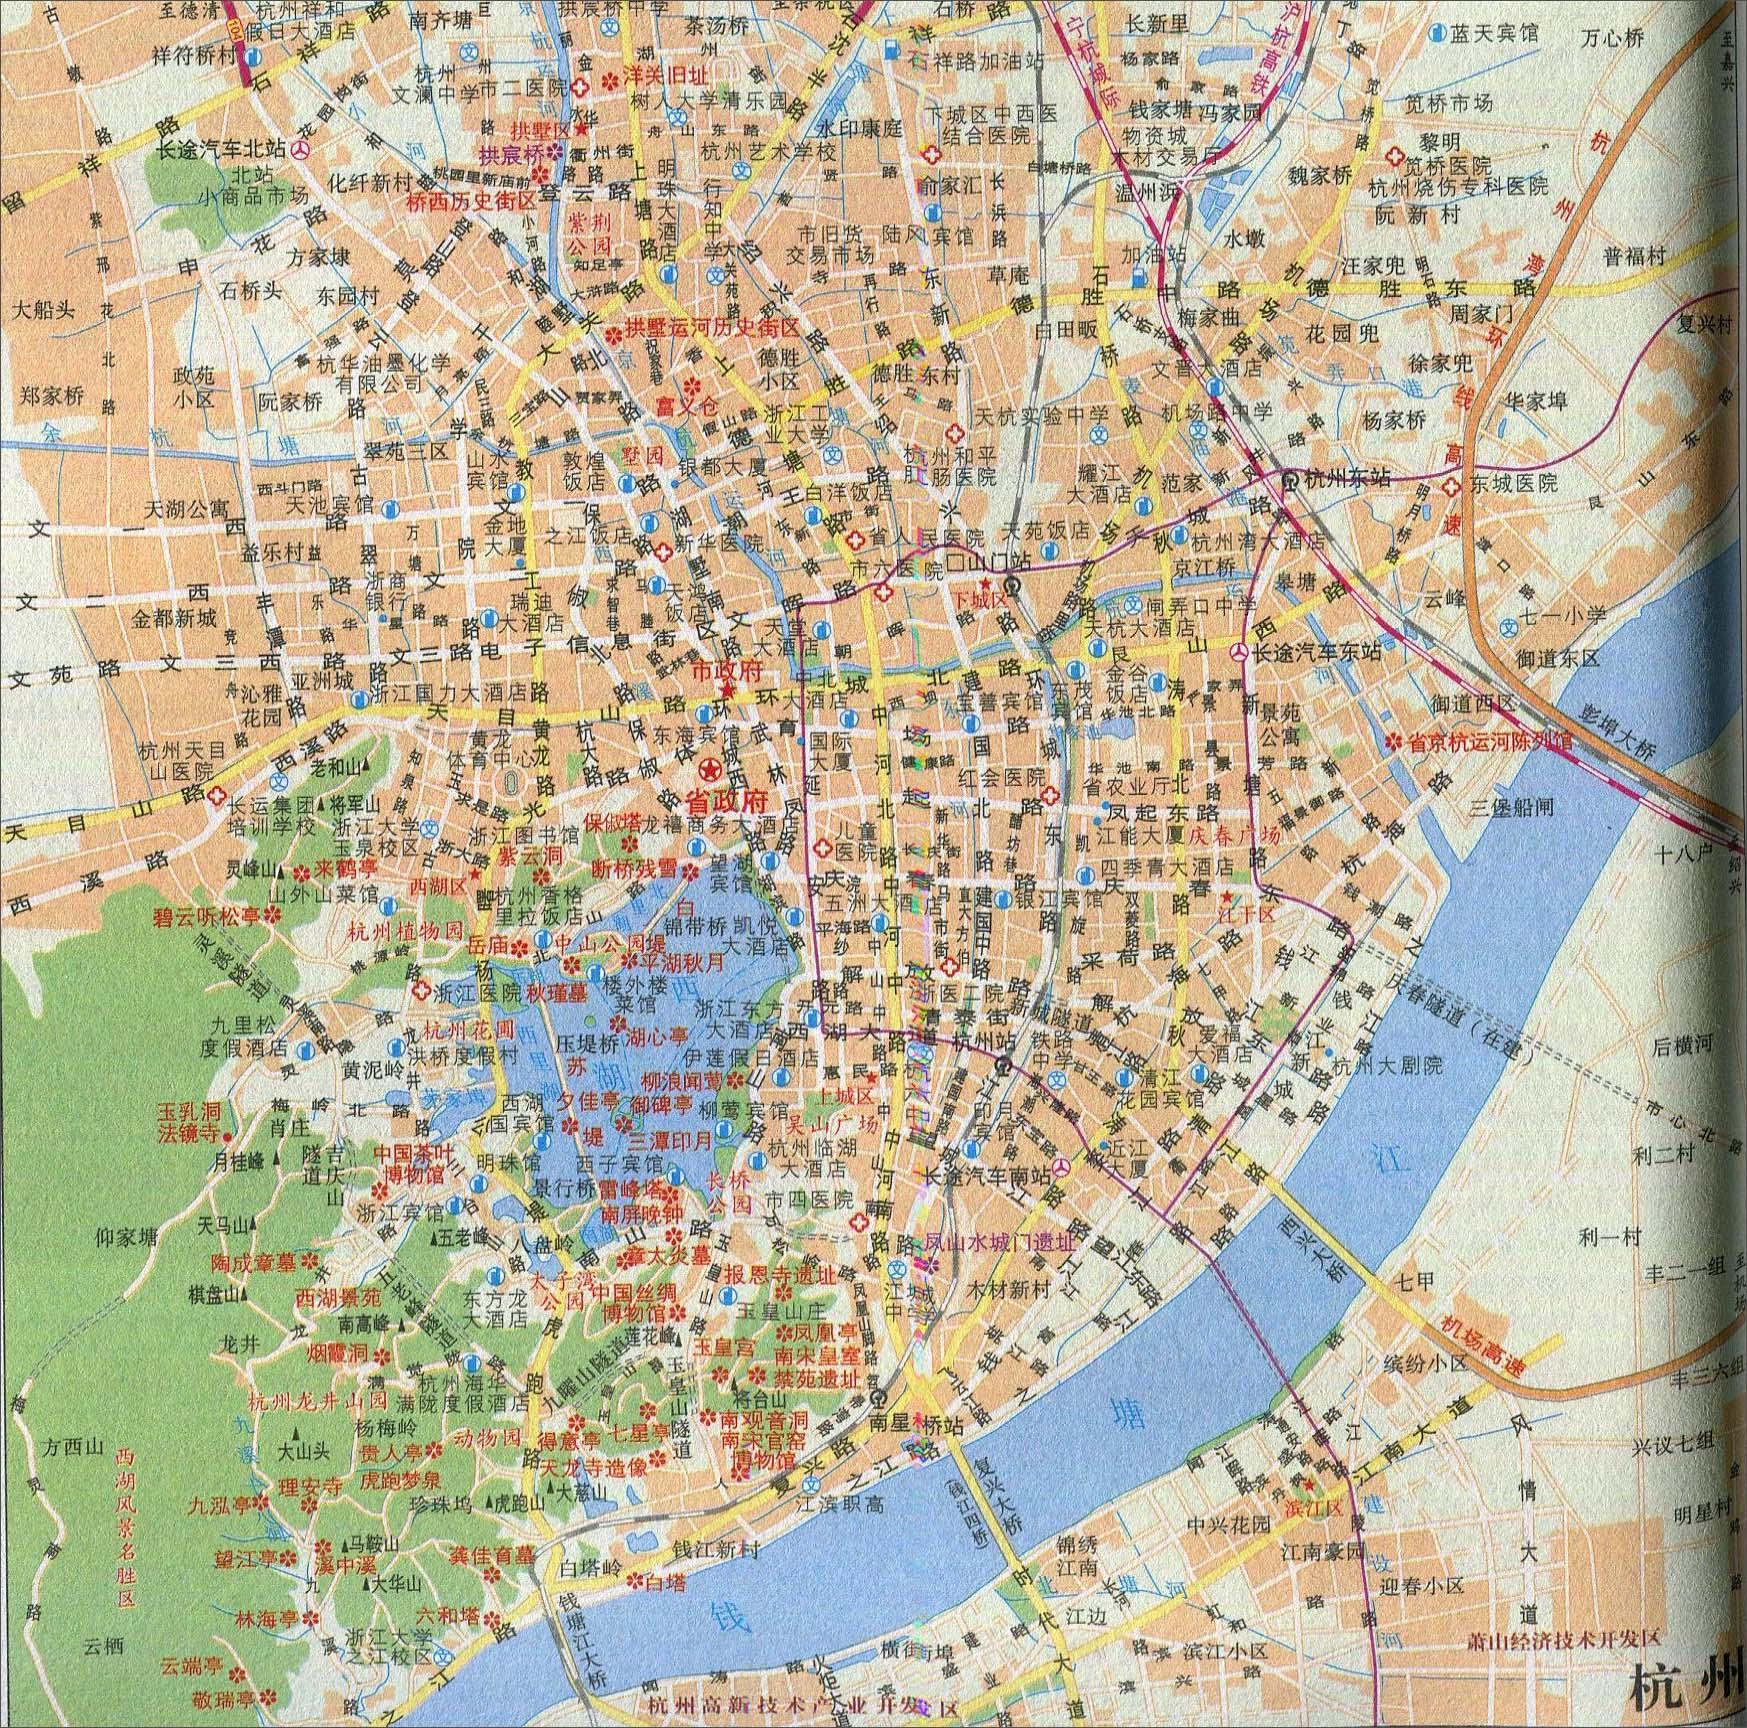 地图库 旅游地图 浙江旅游 >> 杭州旅游交通地图    世界各国 | 中国